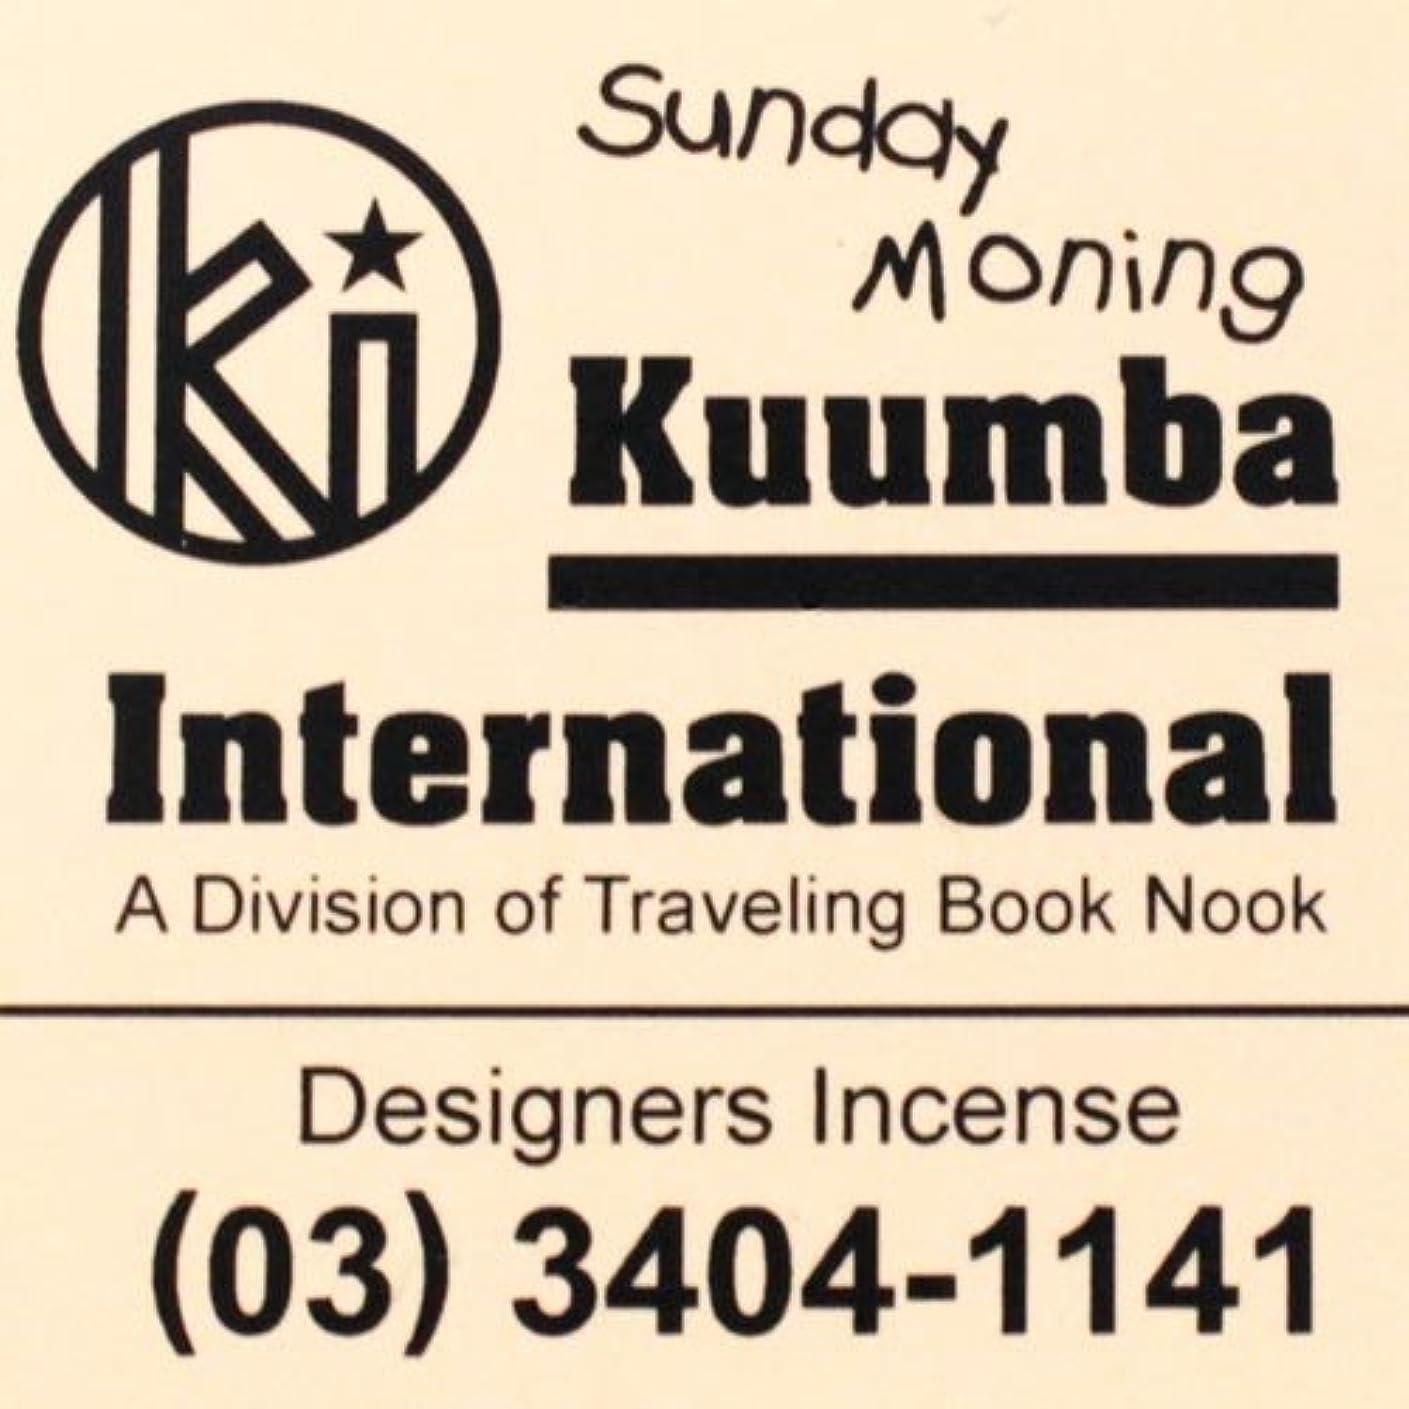 実り多い巻き戻す両方(クンバ) KUUMBA『incense』(Sunday Morning) (Regular size)